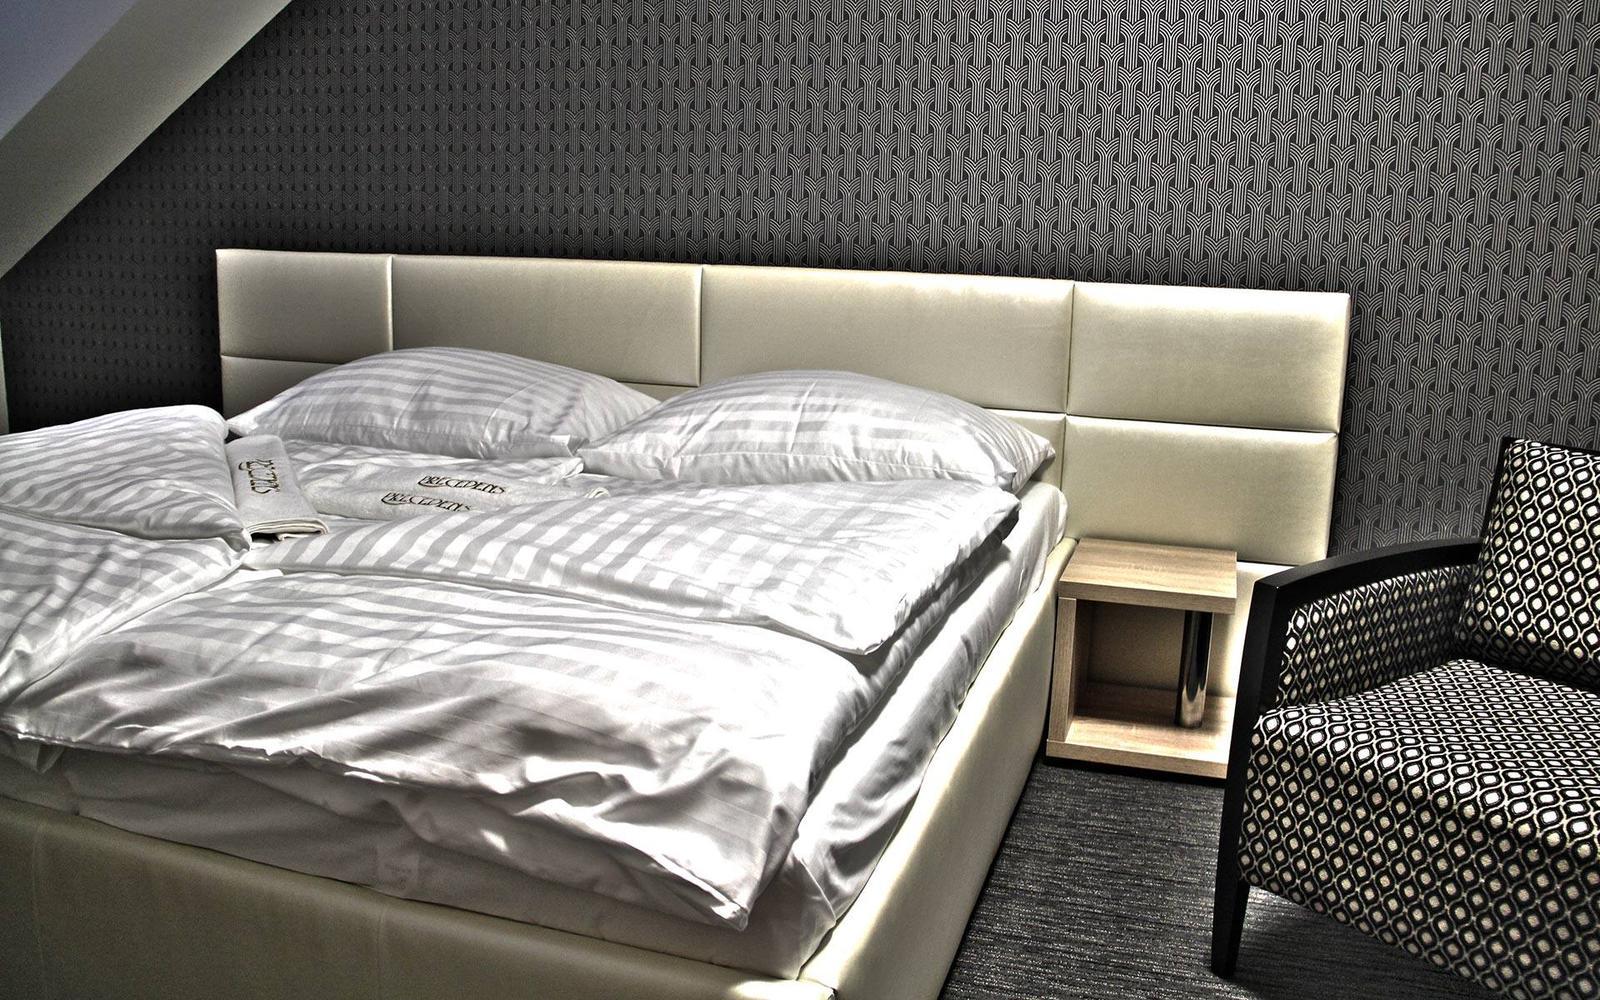 mirones - posteľ CHRISTY - vyrábaná na mieru v krásnom penzione